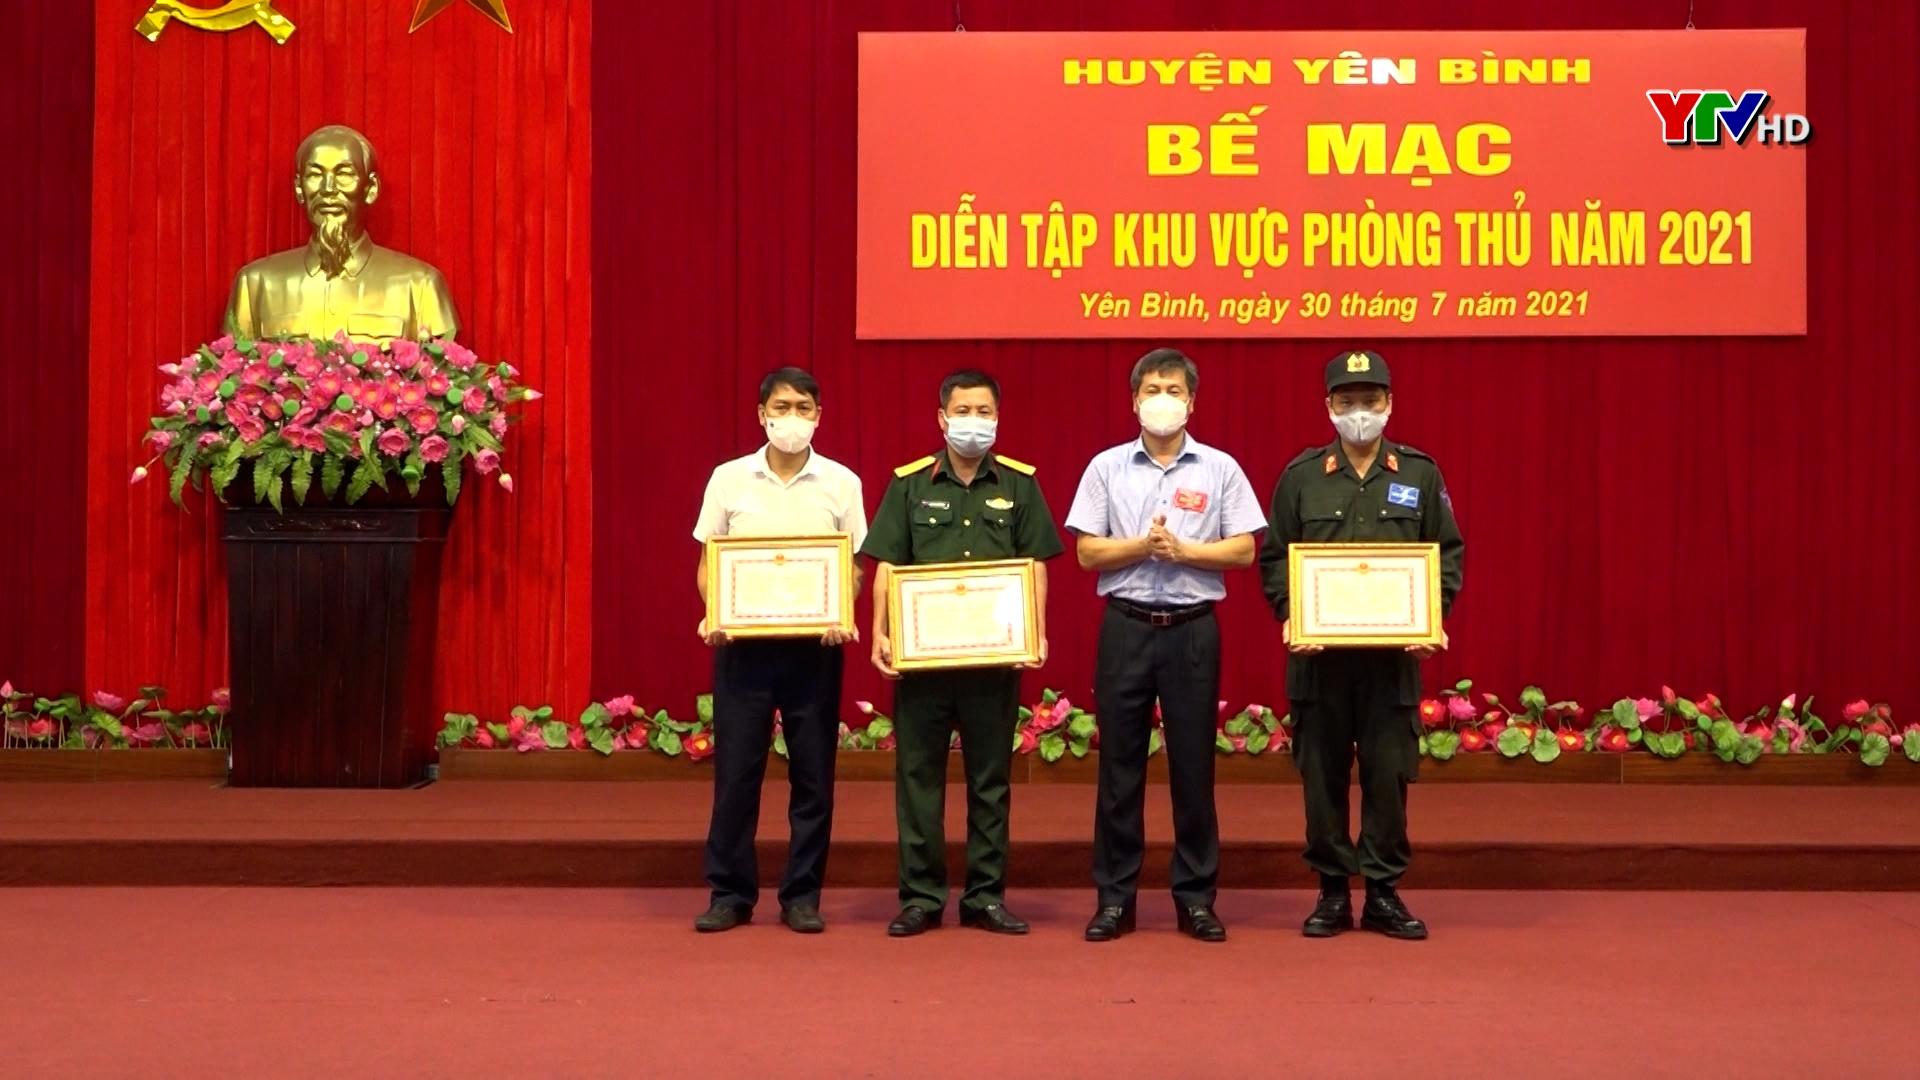 Huyện Yên Bình hoàn thành diễn tập khu vực phòng thủ năm 2021